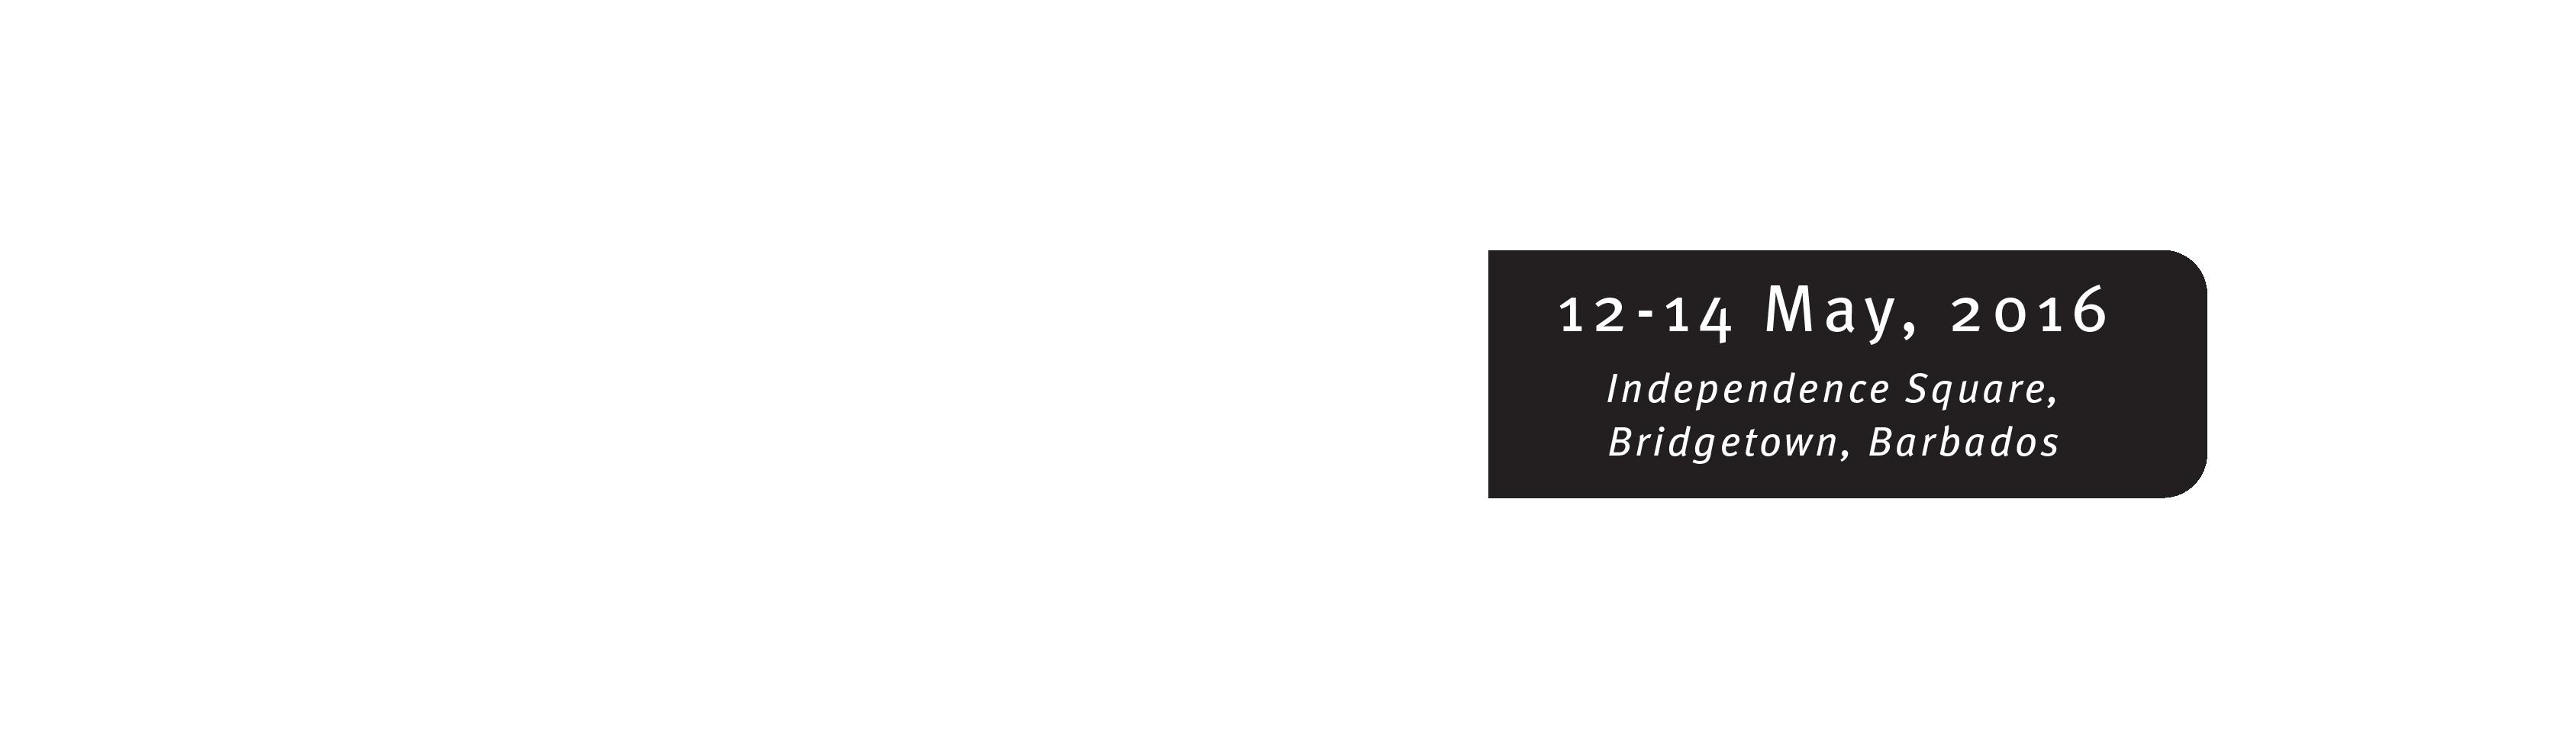 bim_litfest_logo-05.png